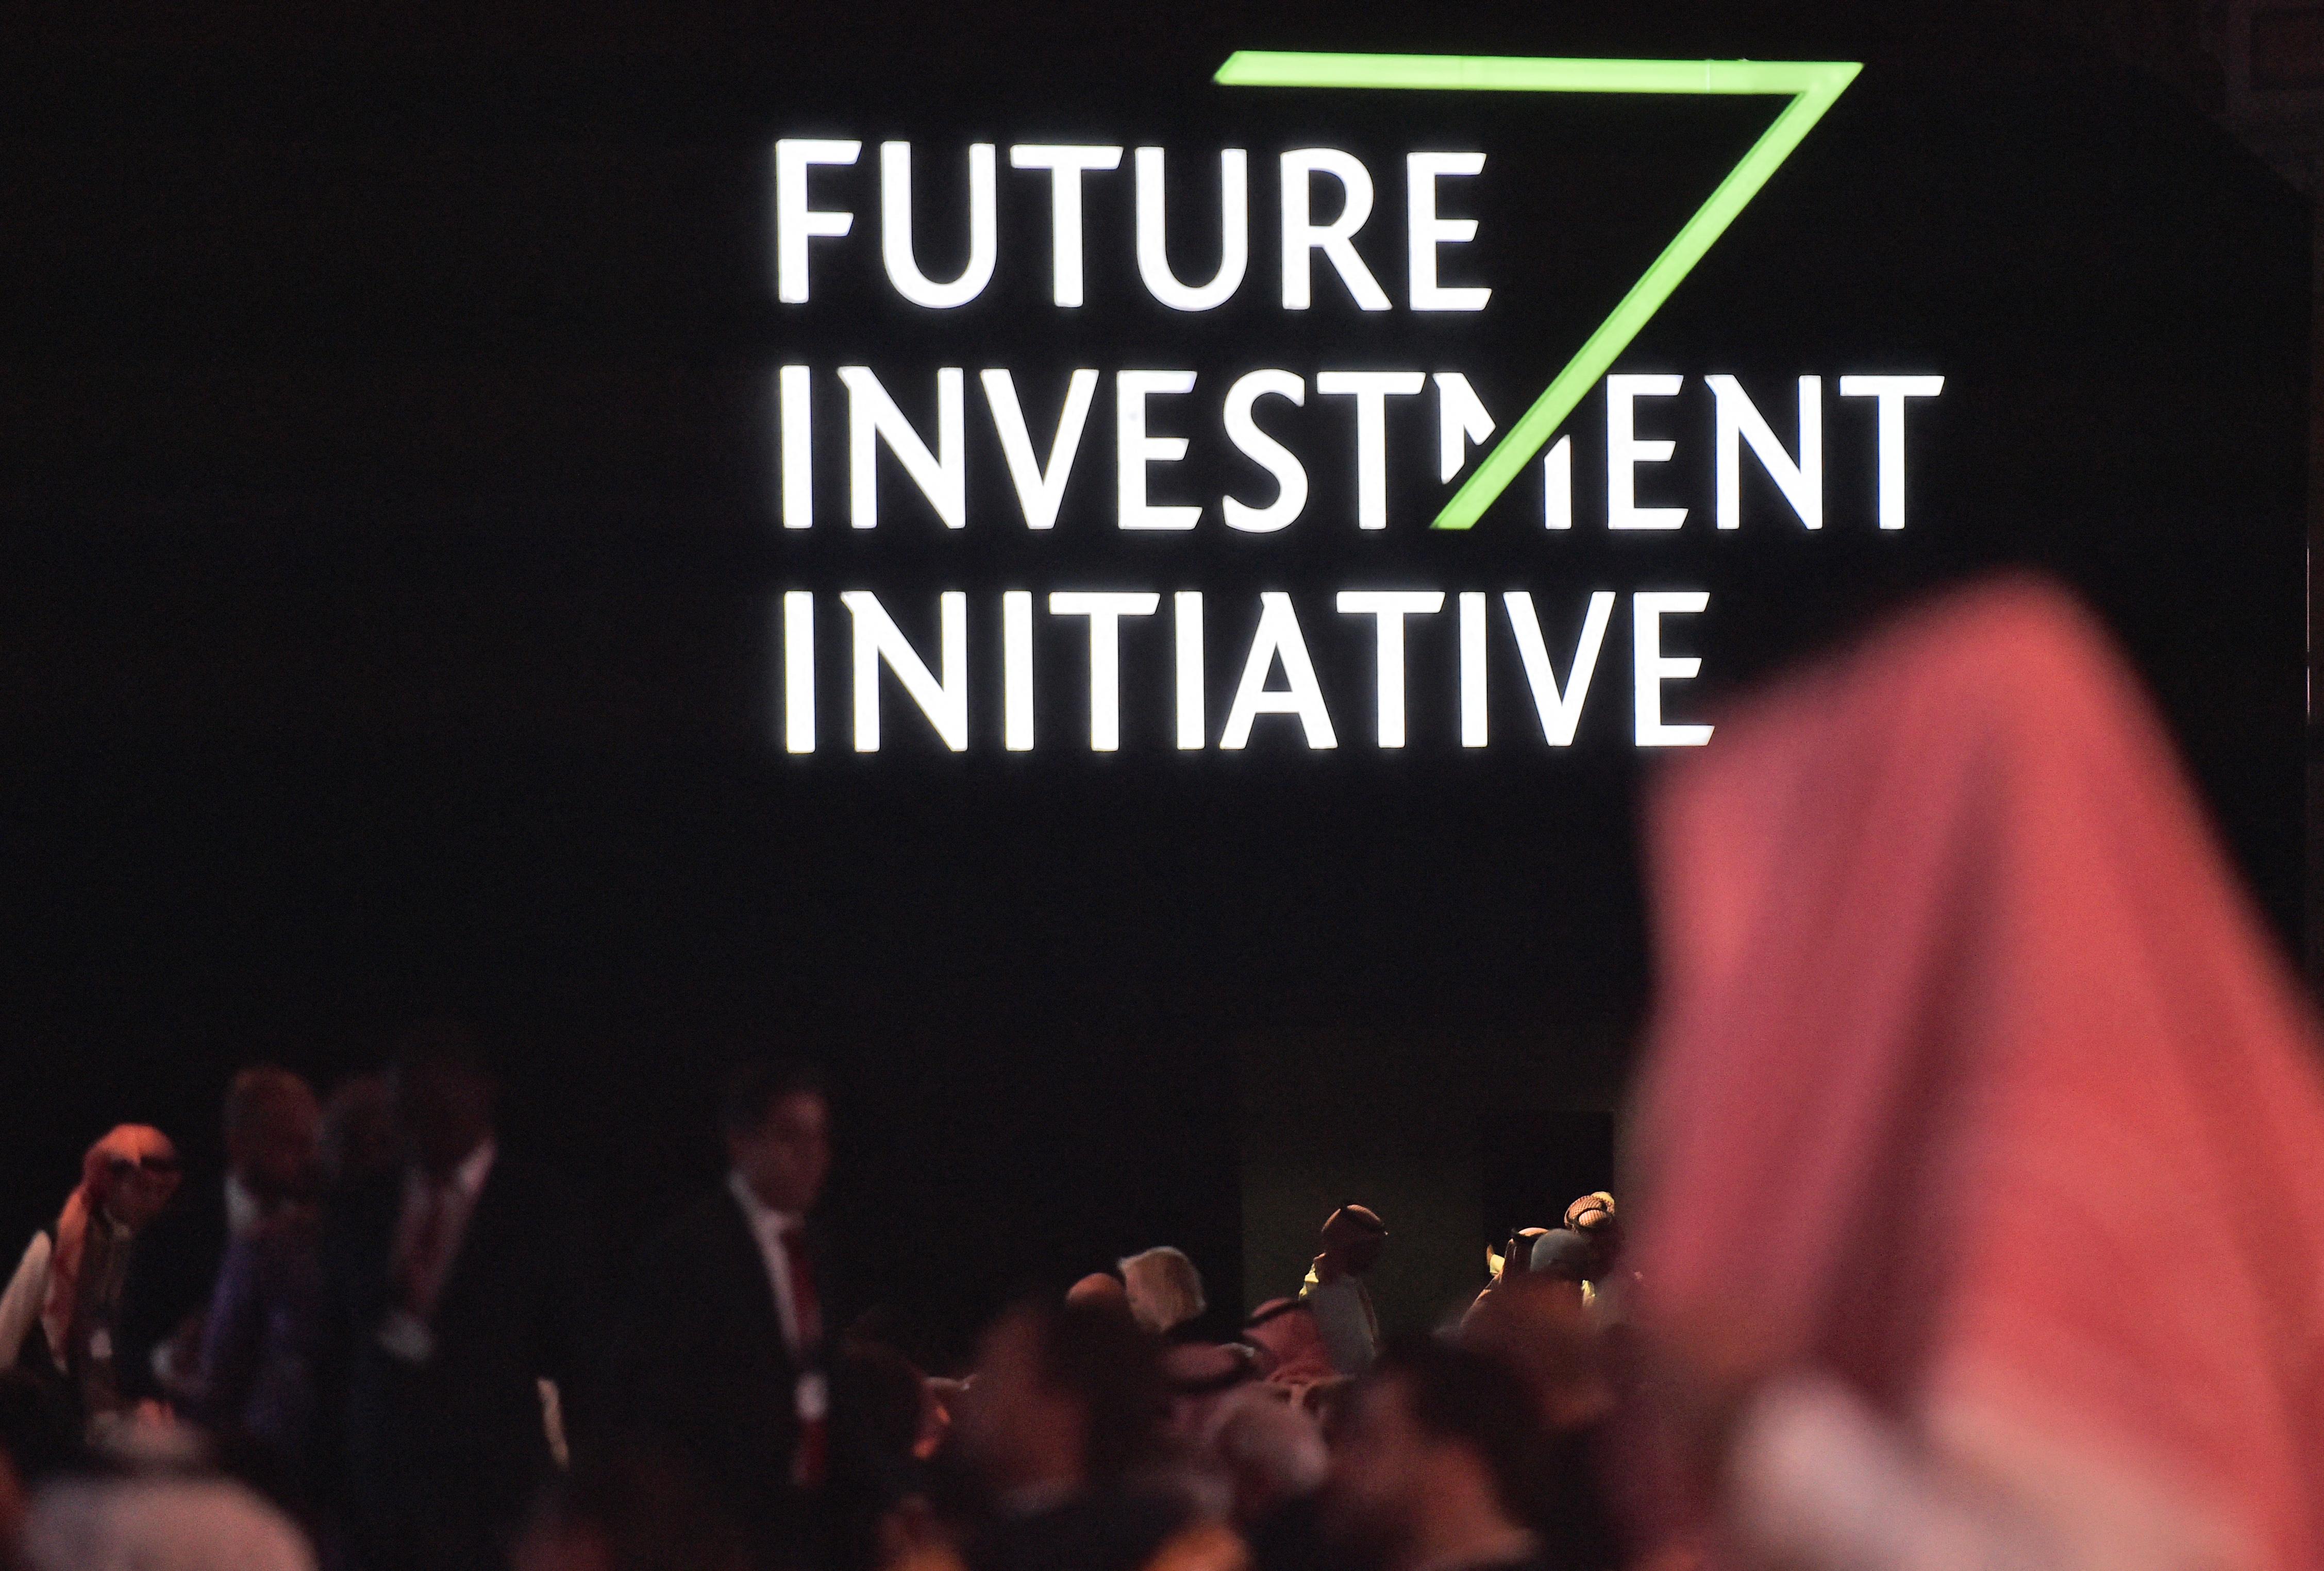 السعودية تريد التنويع في اقتصادها وعدم الاعتماد على النفط فقط